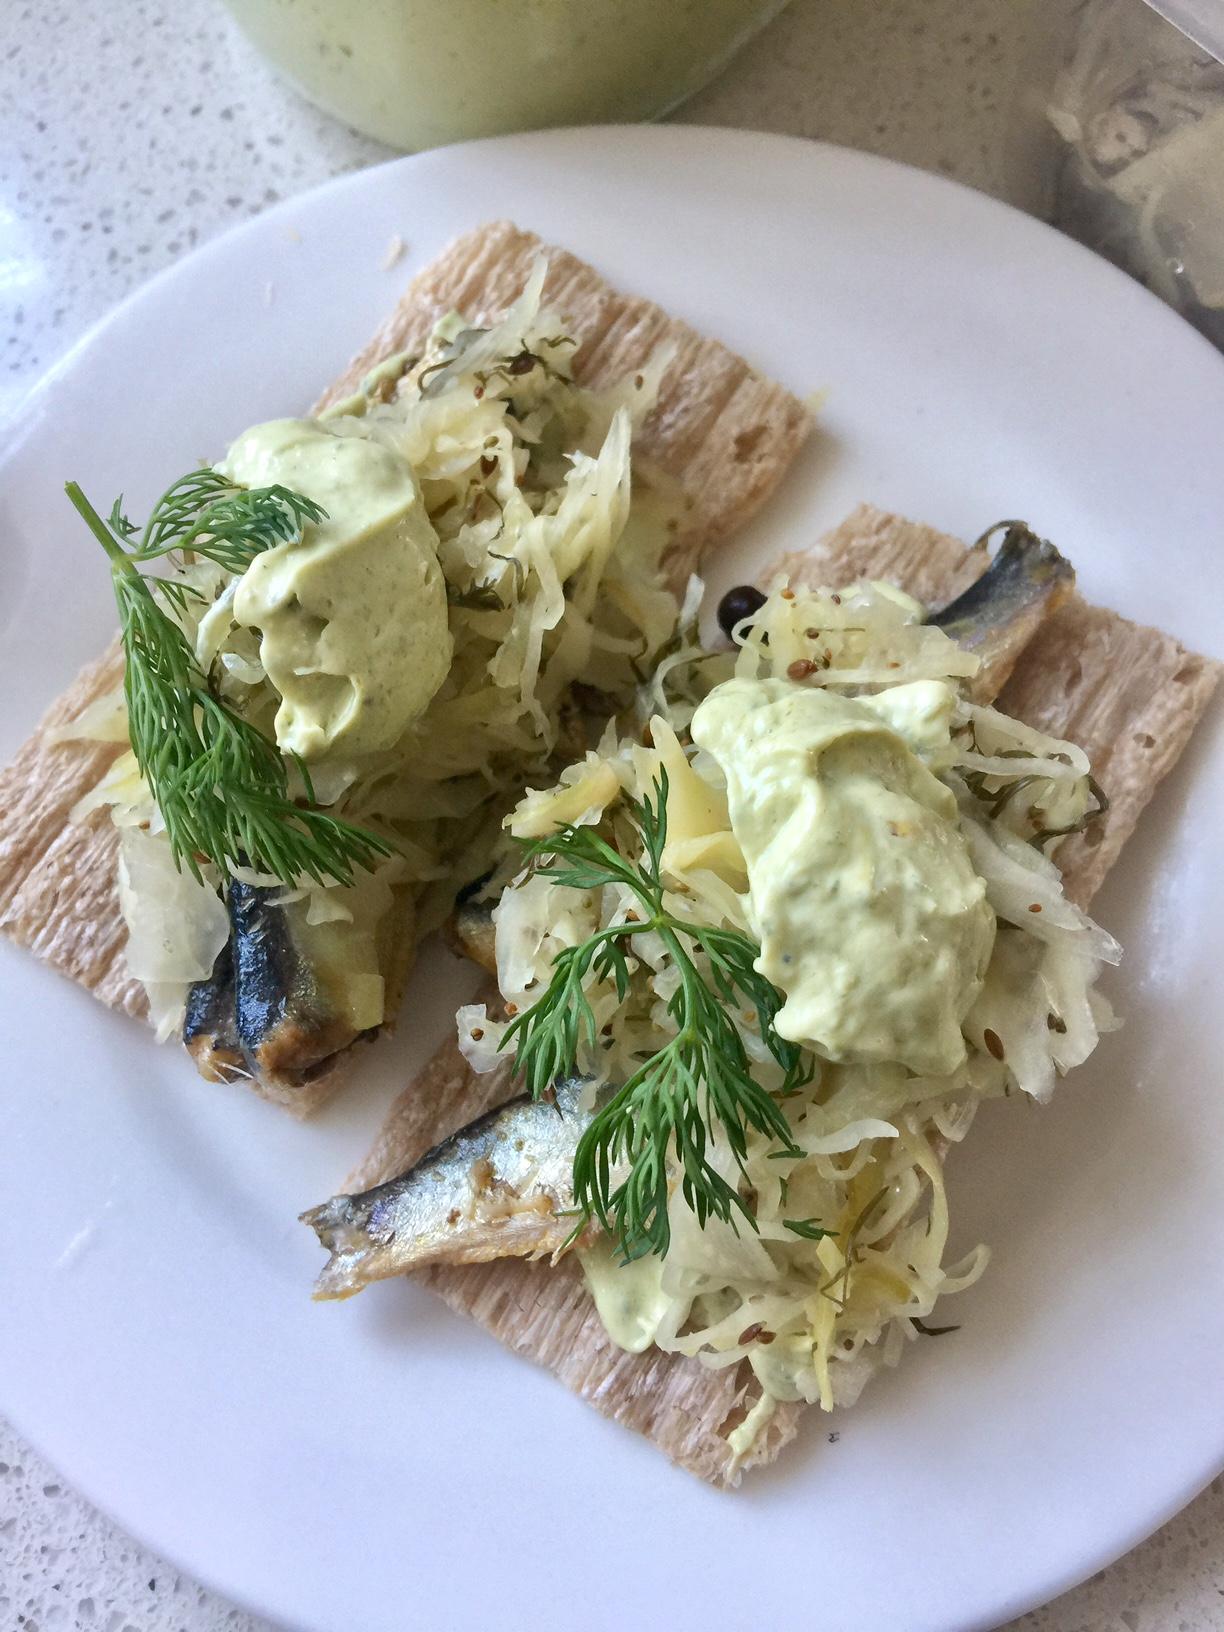 Coconut Rosemary Mayonnaise, Sardines & Sauerkraut on Buckwheat Crisps Recipe